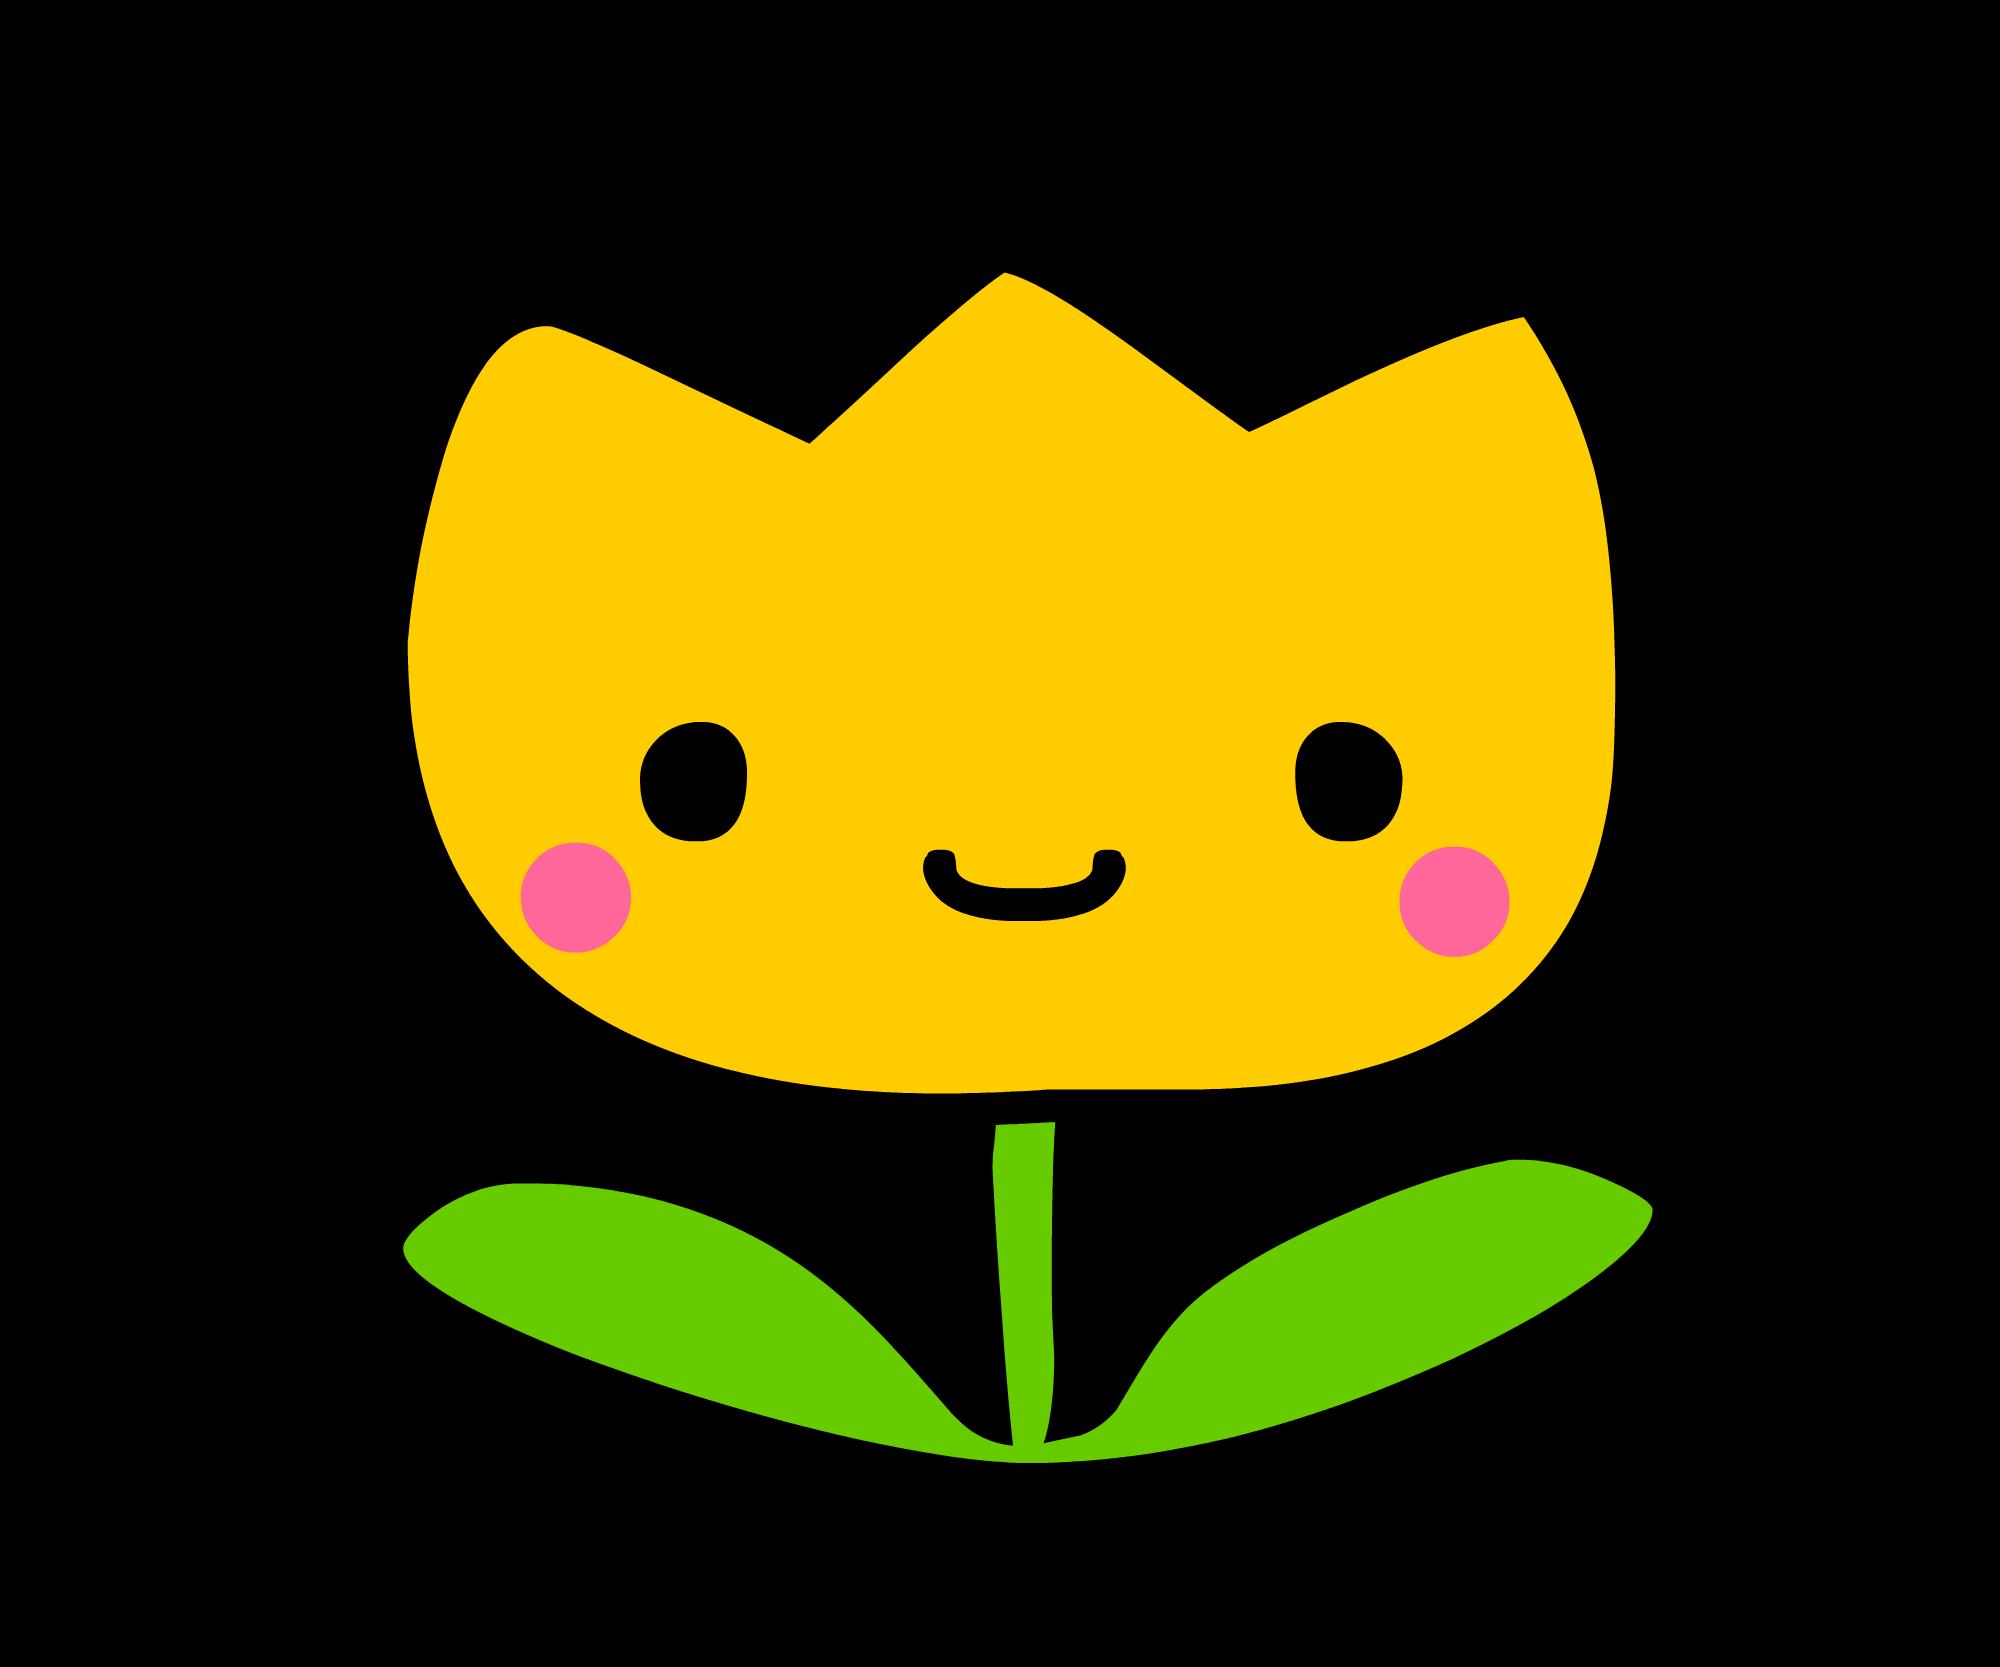 Tulip_Yellow